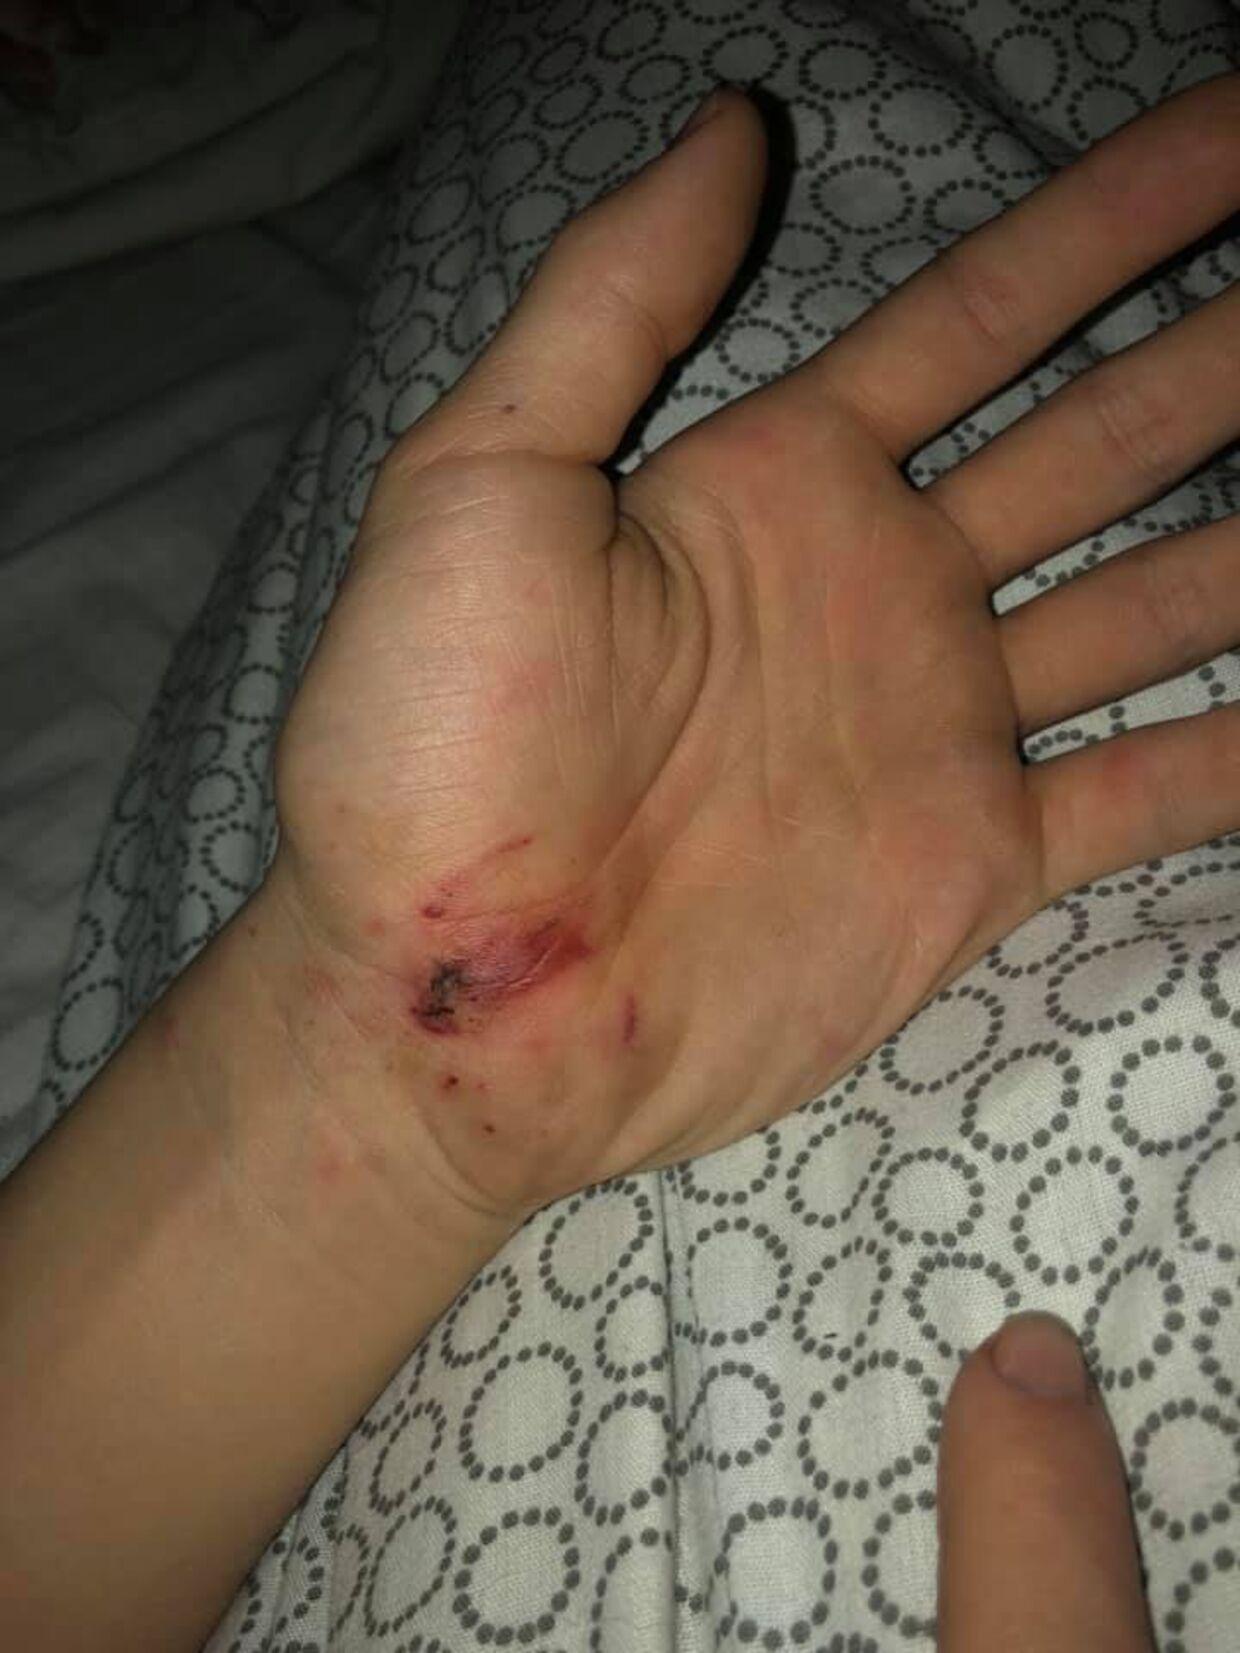 Markus greb om fyrværkeriet, da det sprang. Lægerne siger derfor, at han er utrolig heldig, at han ikke mistede sine fingre. Han har dog flere smertefulde blodvabler efter ulykken.